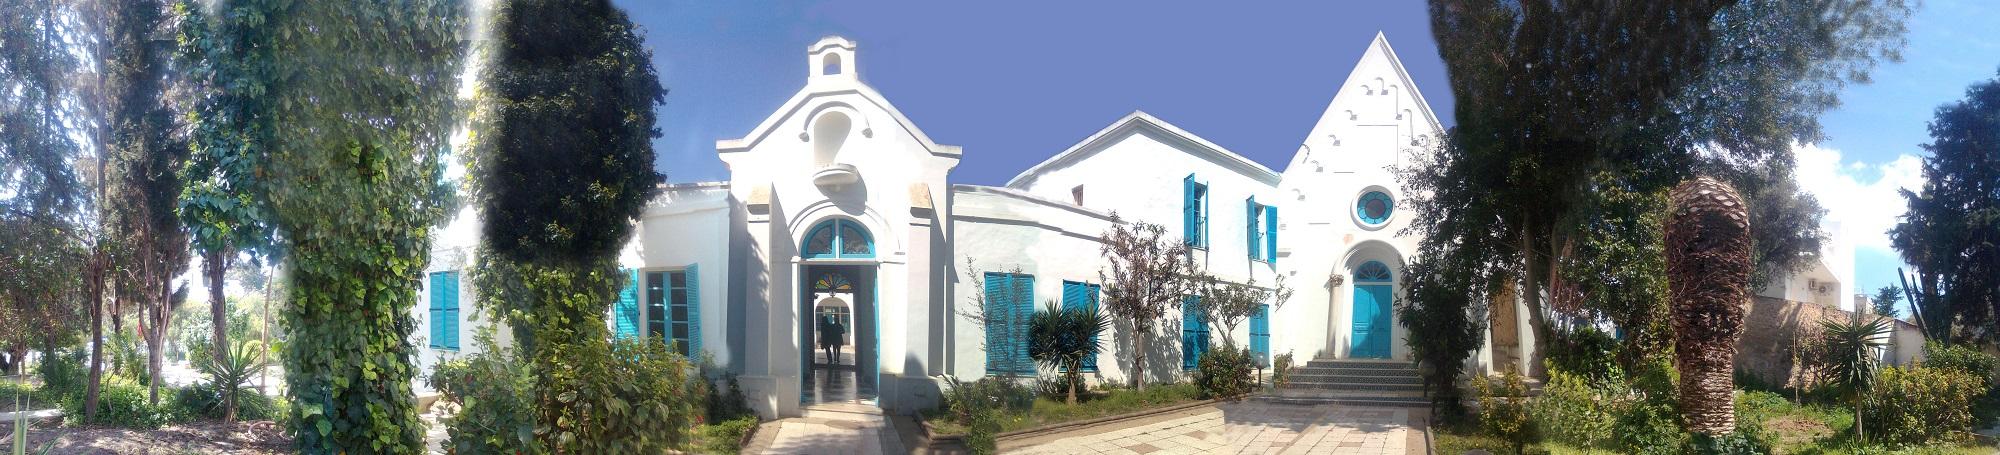 الجمهورية التونسية -وزارة التربية- المركز الدولي لتكوين المكونين والتجديد البيداغوجي